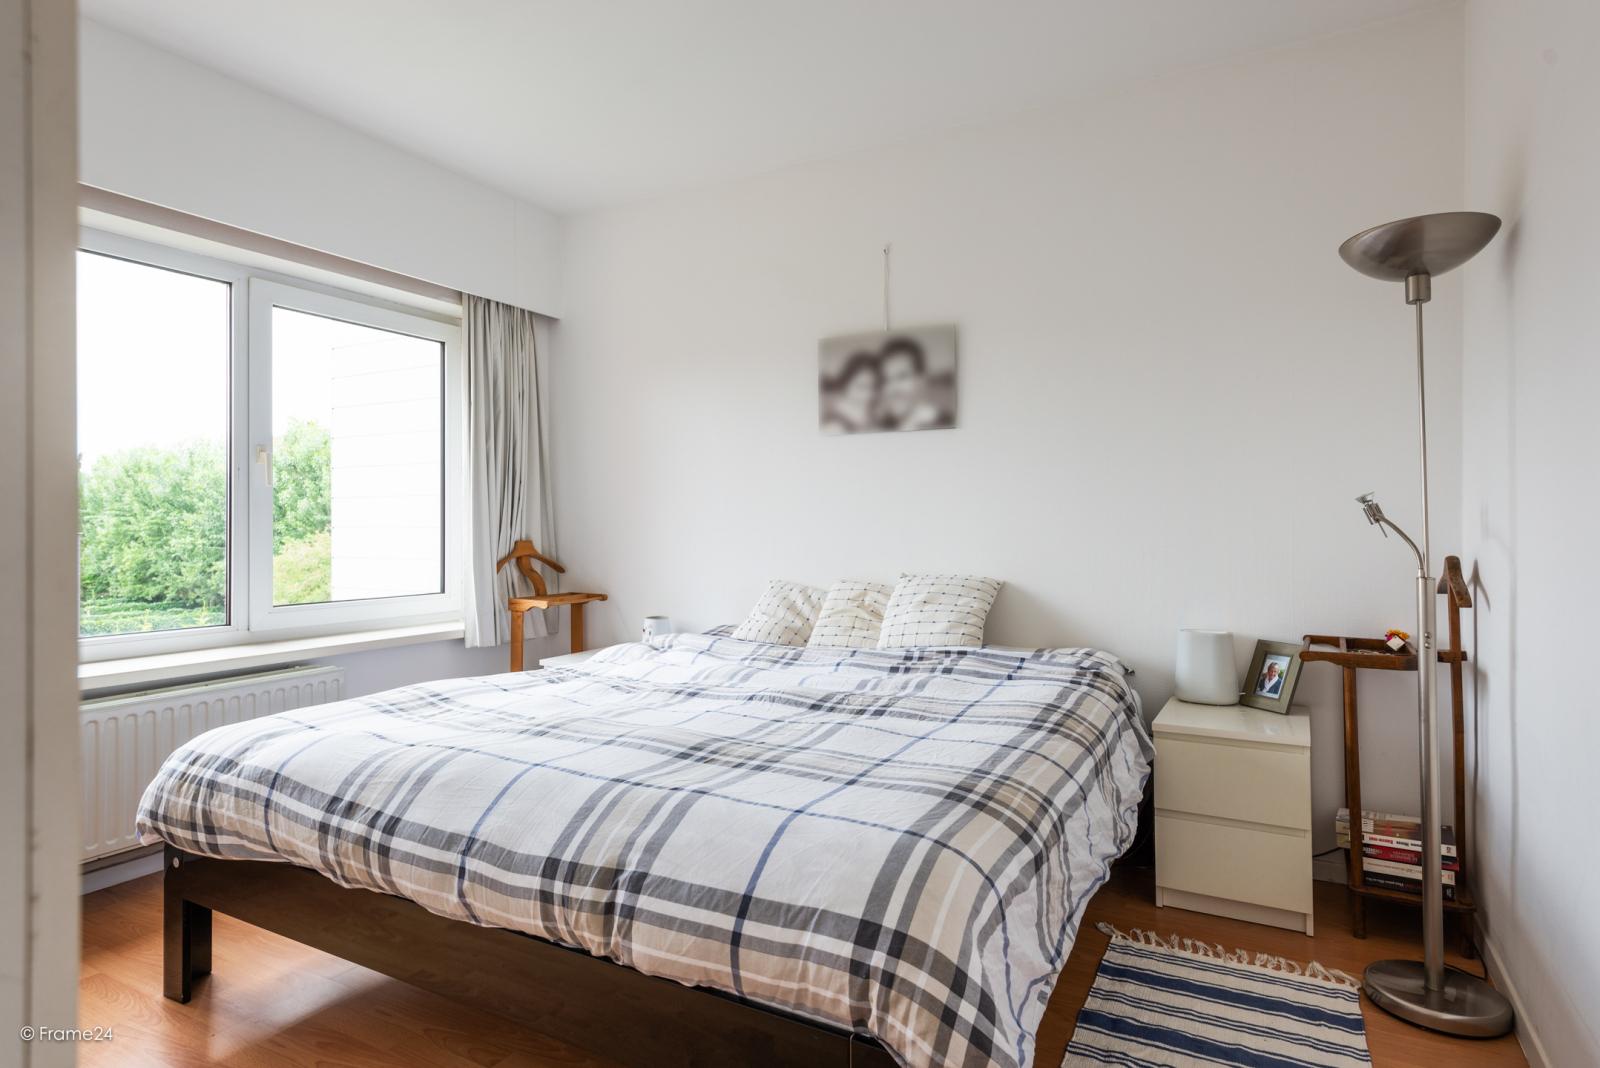 Zeer ruime en volledig instapklare bel-étagewoning met 4 slaapkamers te Wilrijk! afbeelding 10